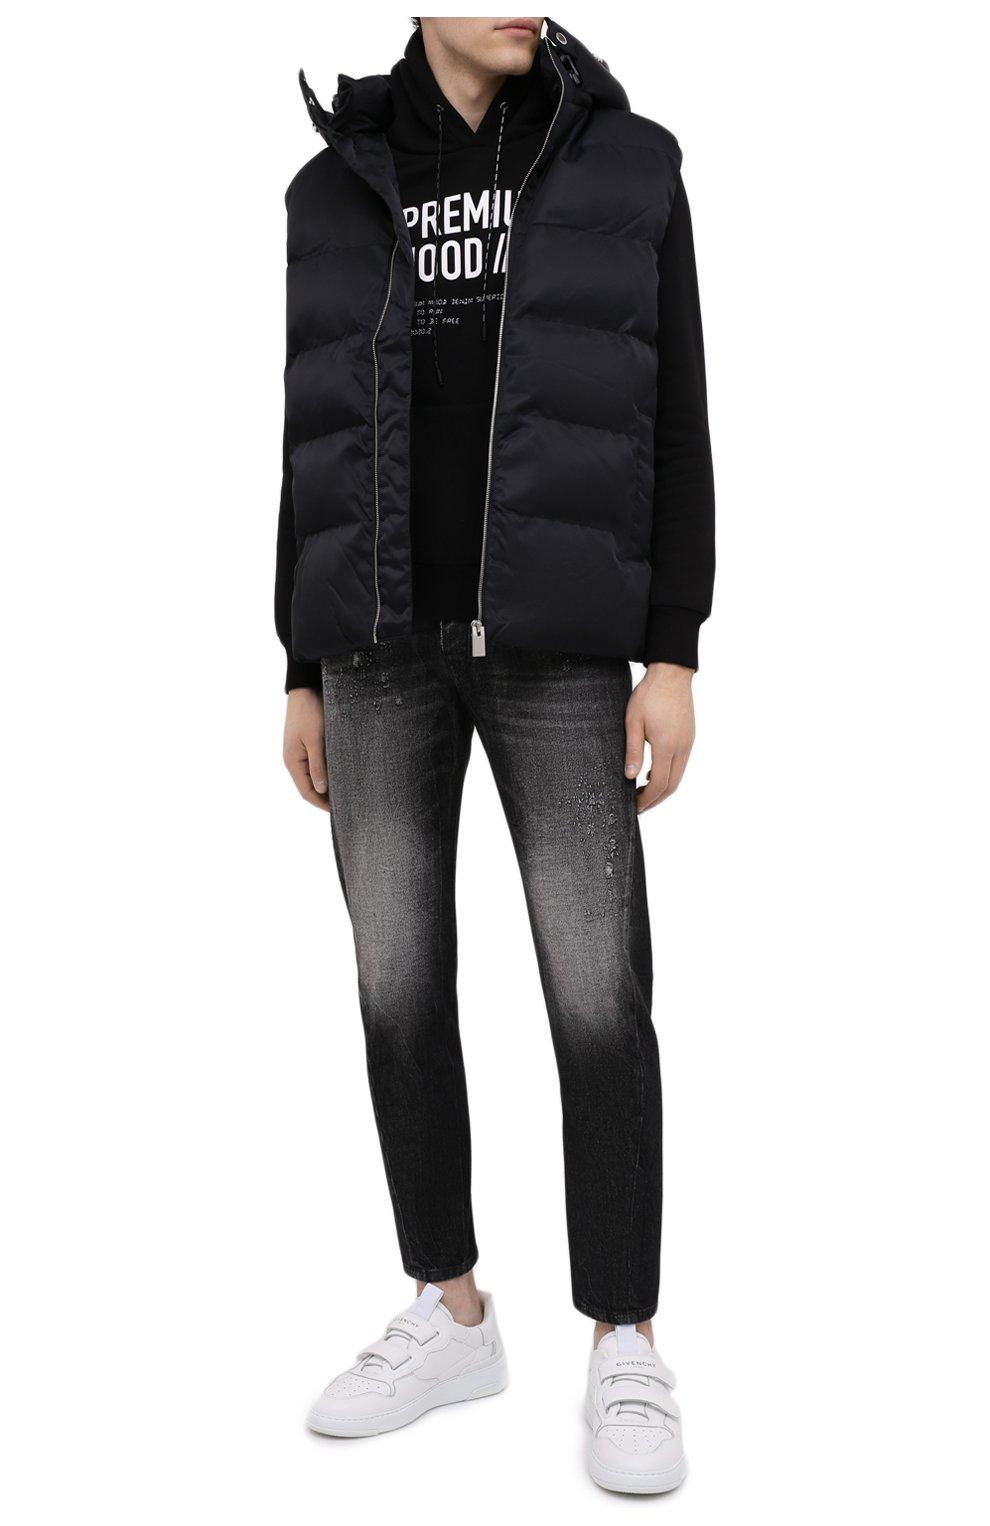 Мужские джинсы PREMIUM MOOD DENIM SUPERIOR темно-серого цвета, арт. S21 352753972/BARRET | Фото 2